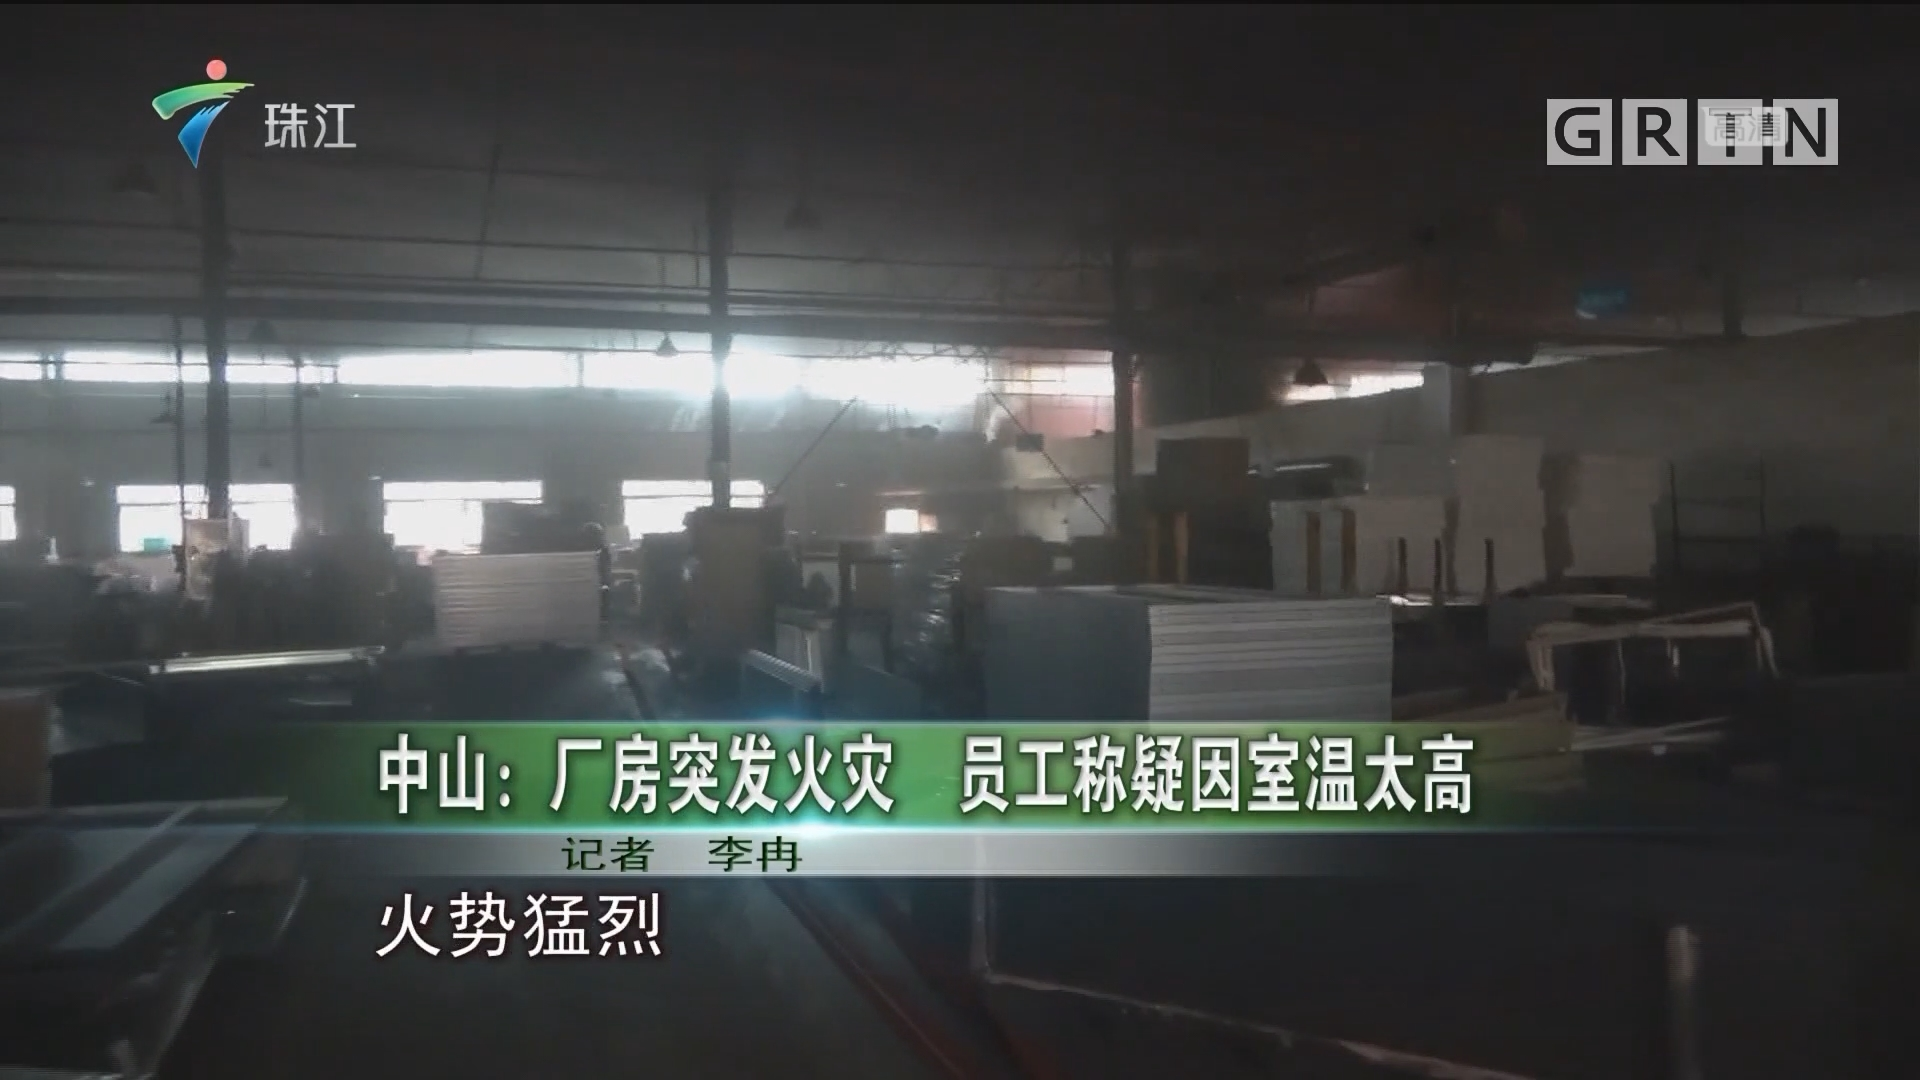 中山:厂房突发火灾 员工称疑因室温太高